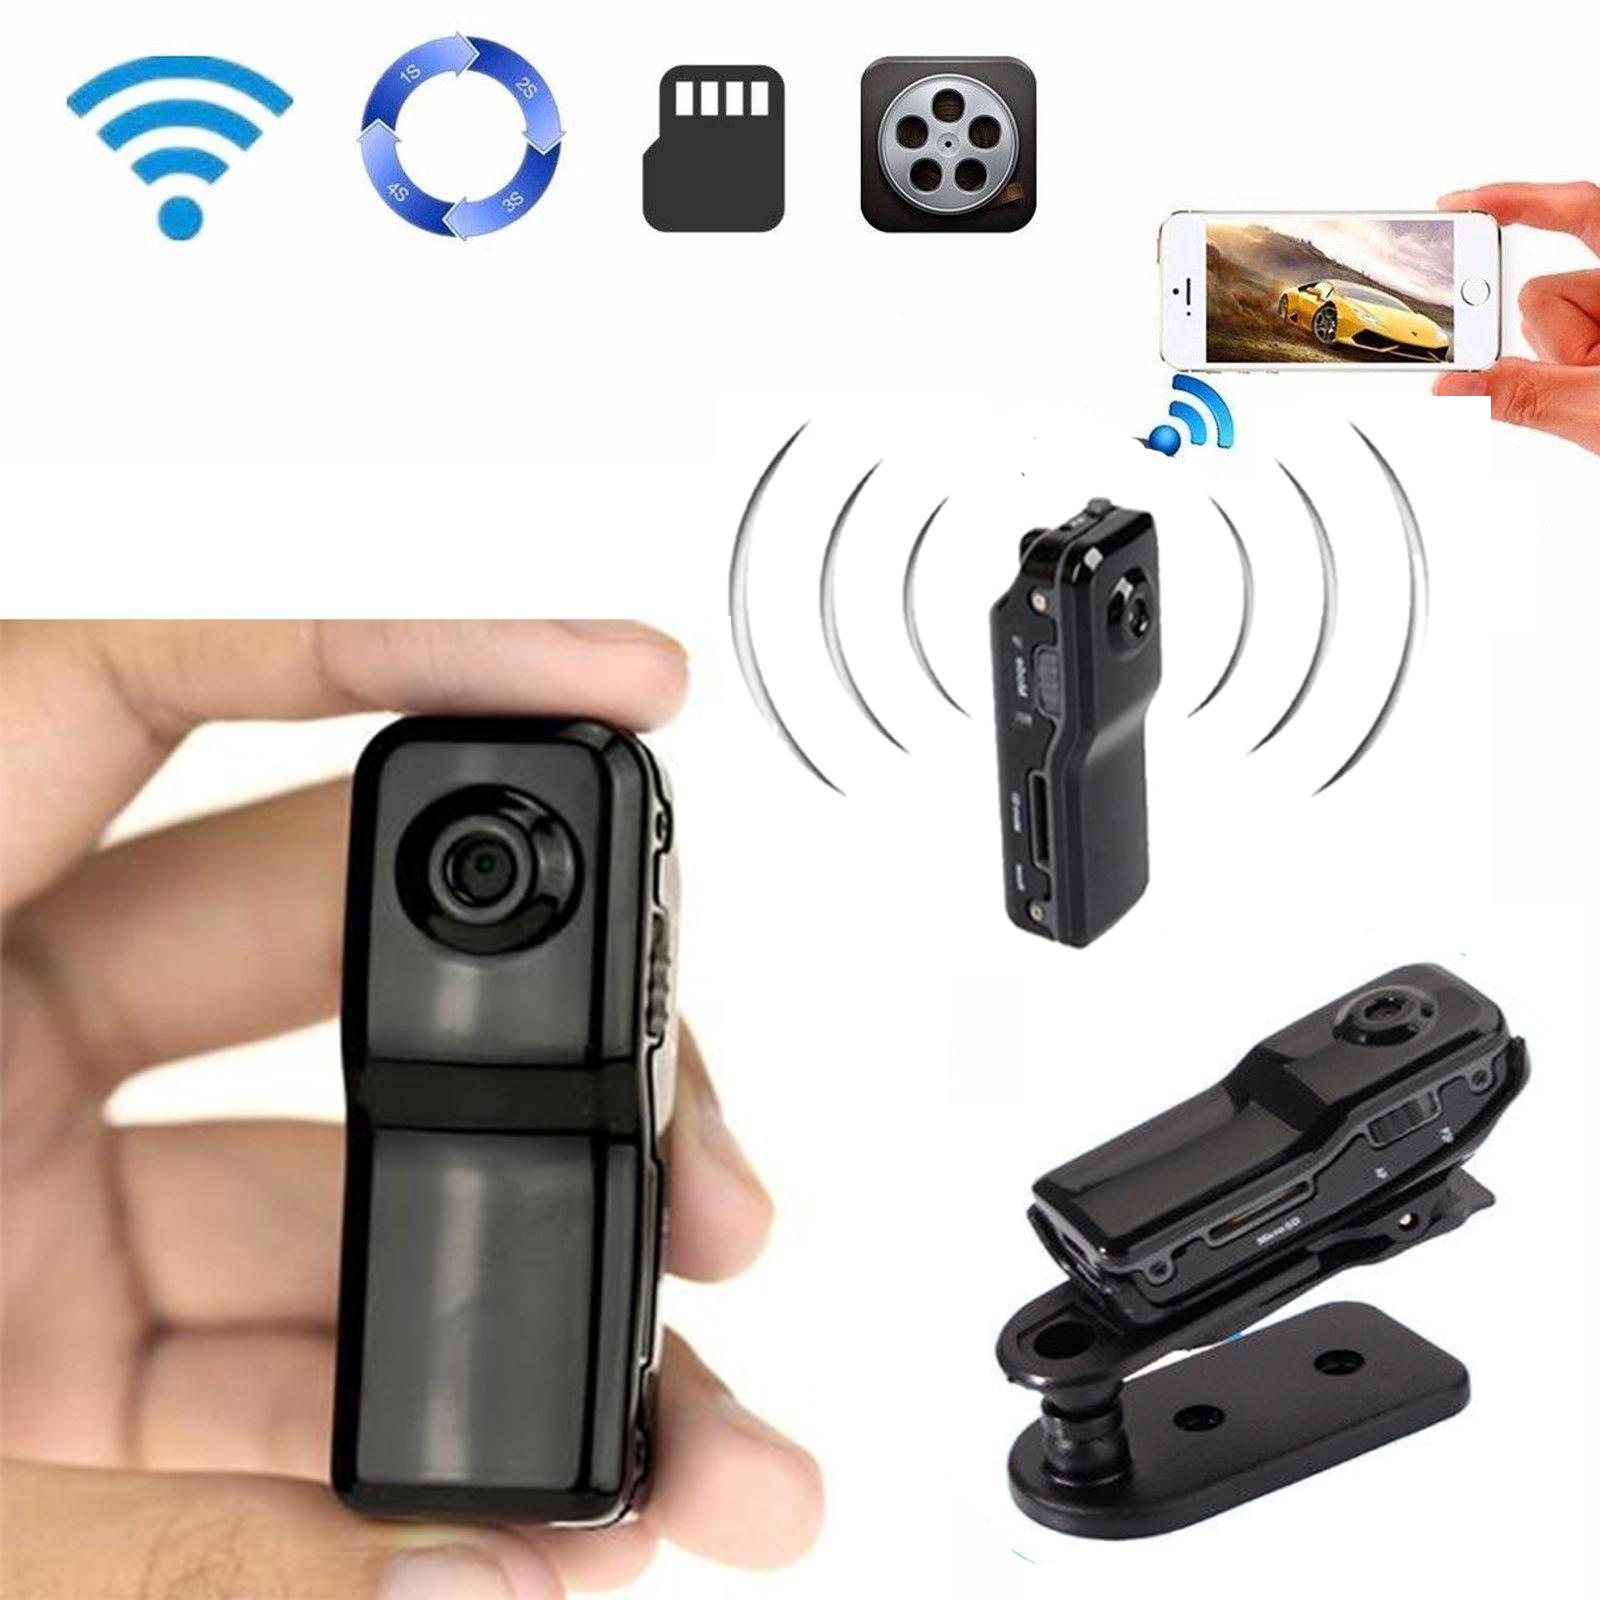 Mini Portable P2p Wifi Ip Camera Indoor Outdoor Hd Dv Hidden Spy Remote Camera Ebay